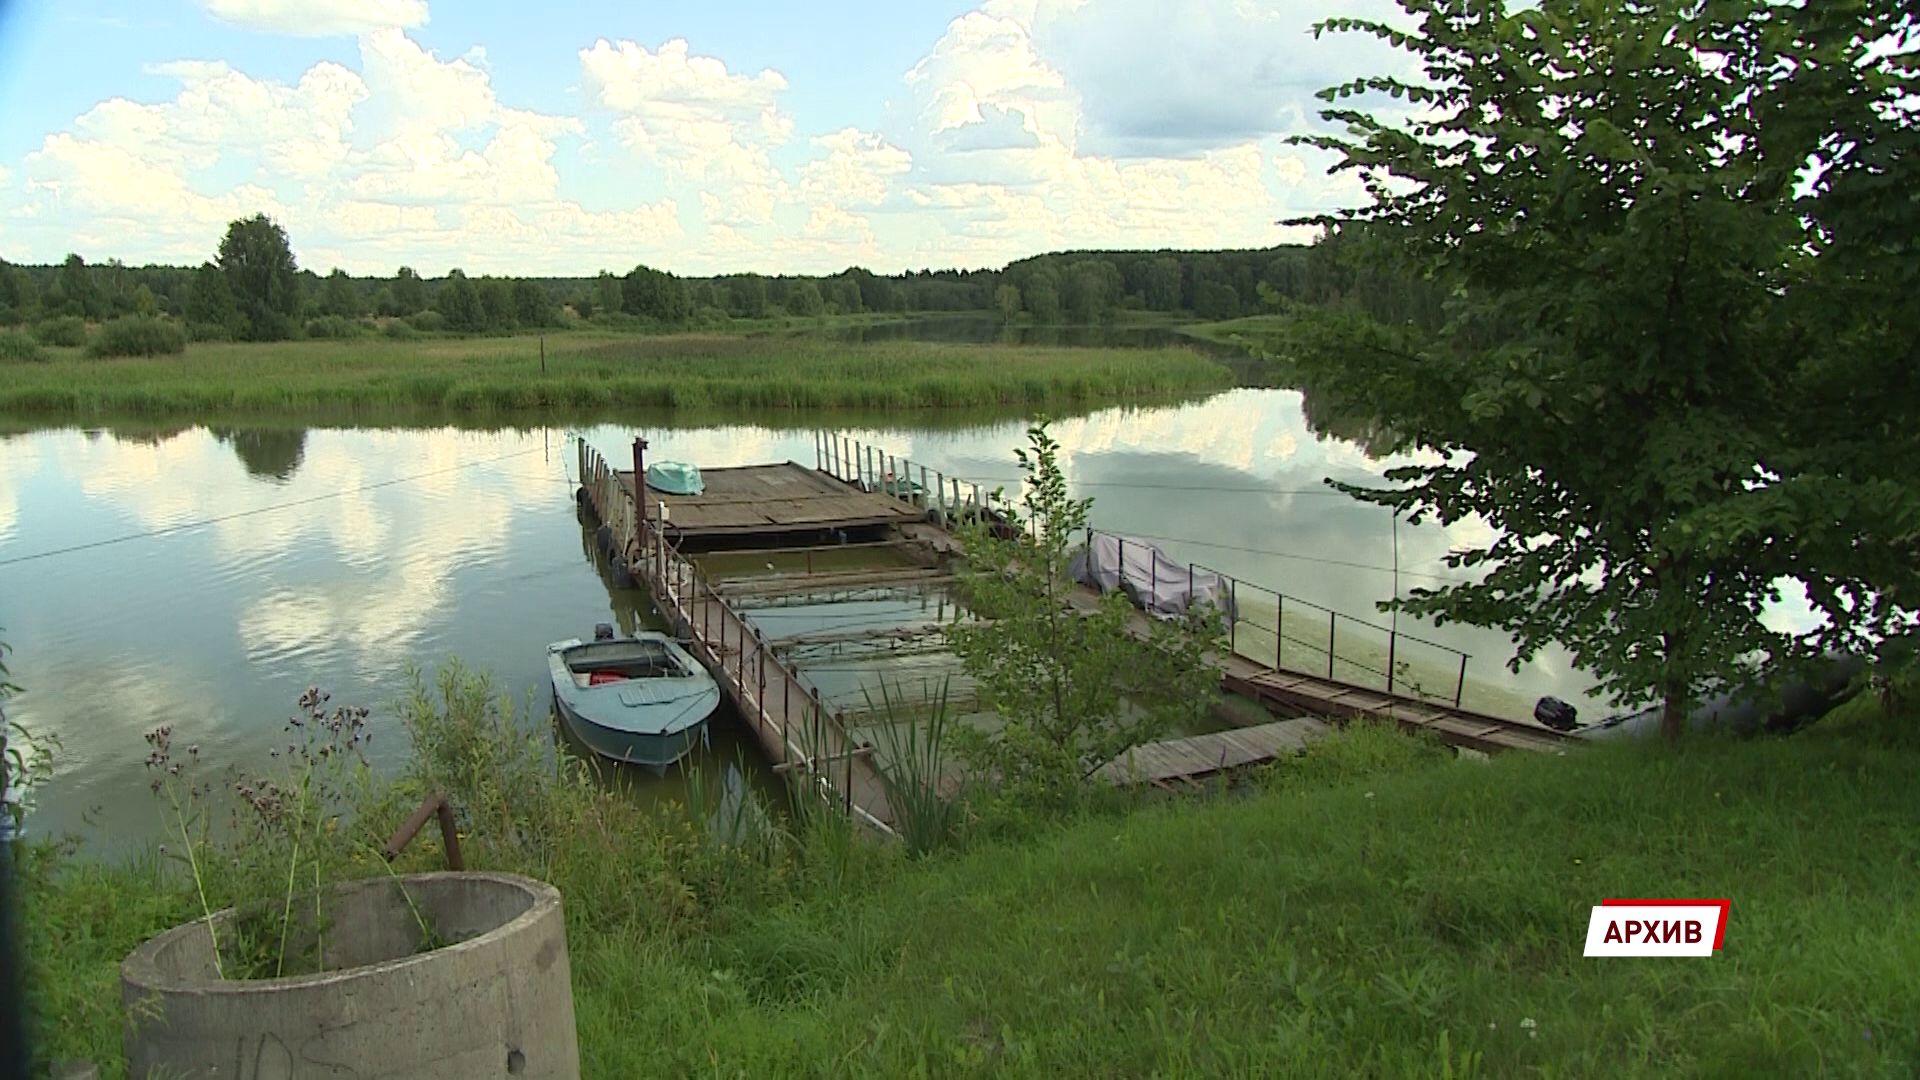 Жителя Некрасовского района осудили за незаконную рыбалку на 41 тысячу рублей